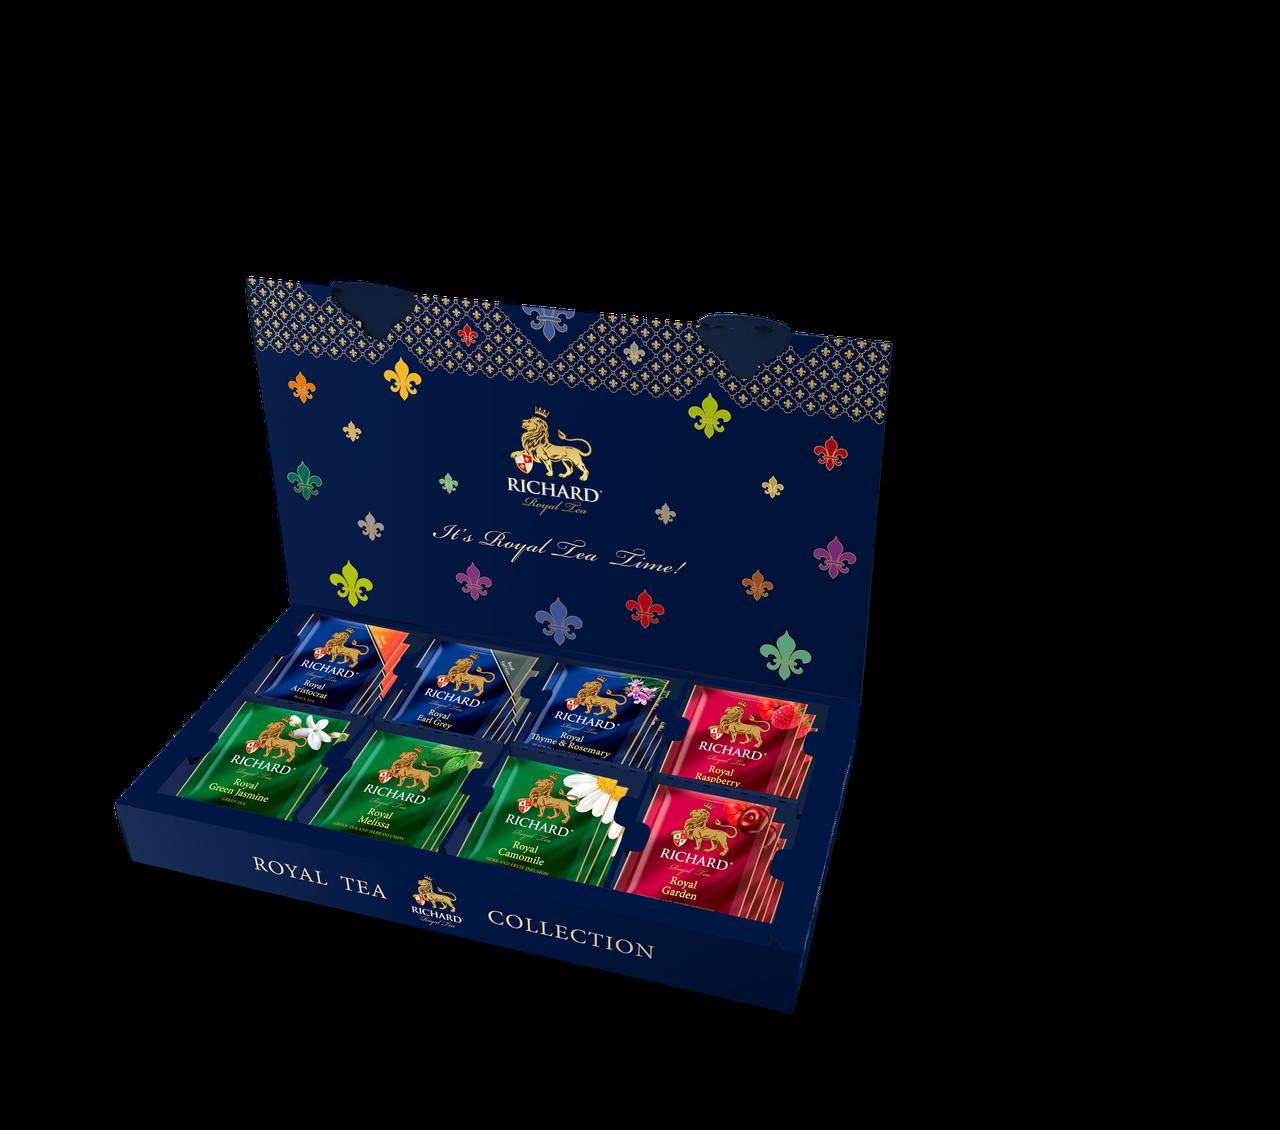 Чай набор пакетированный RICHARD ROYAL TEA COLLECTION 40 сашетов